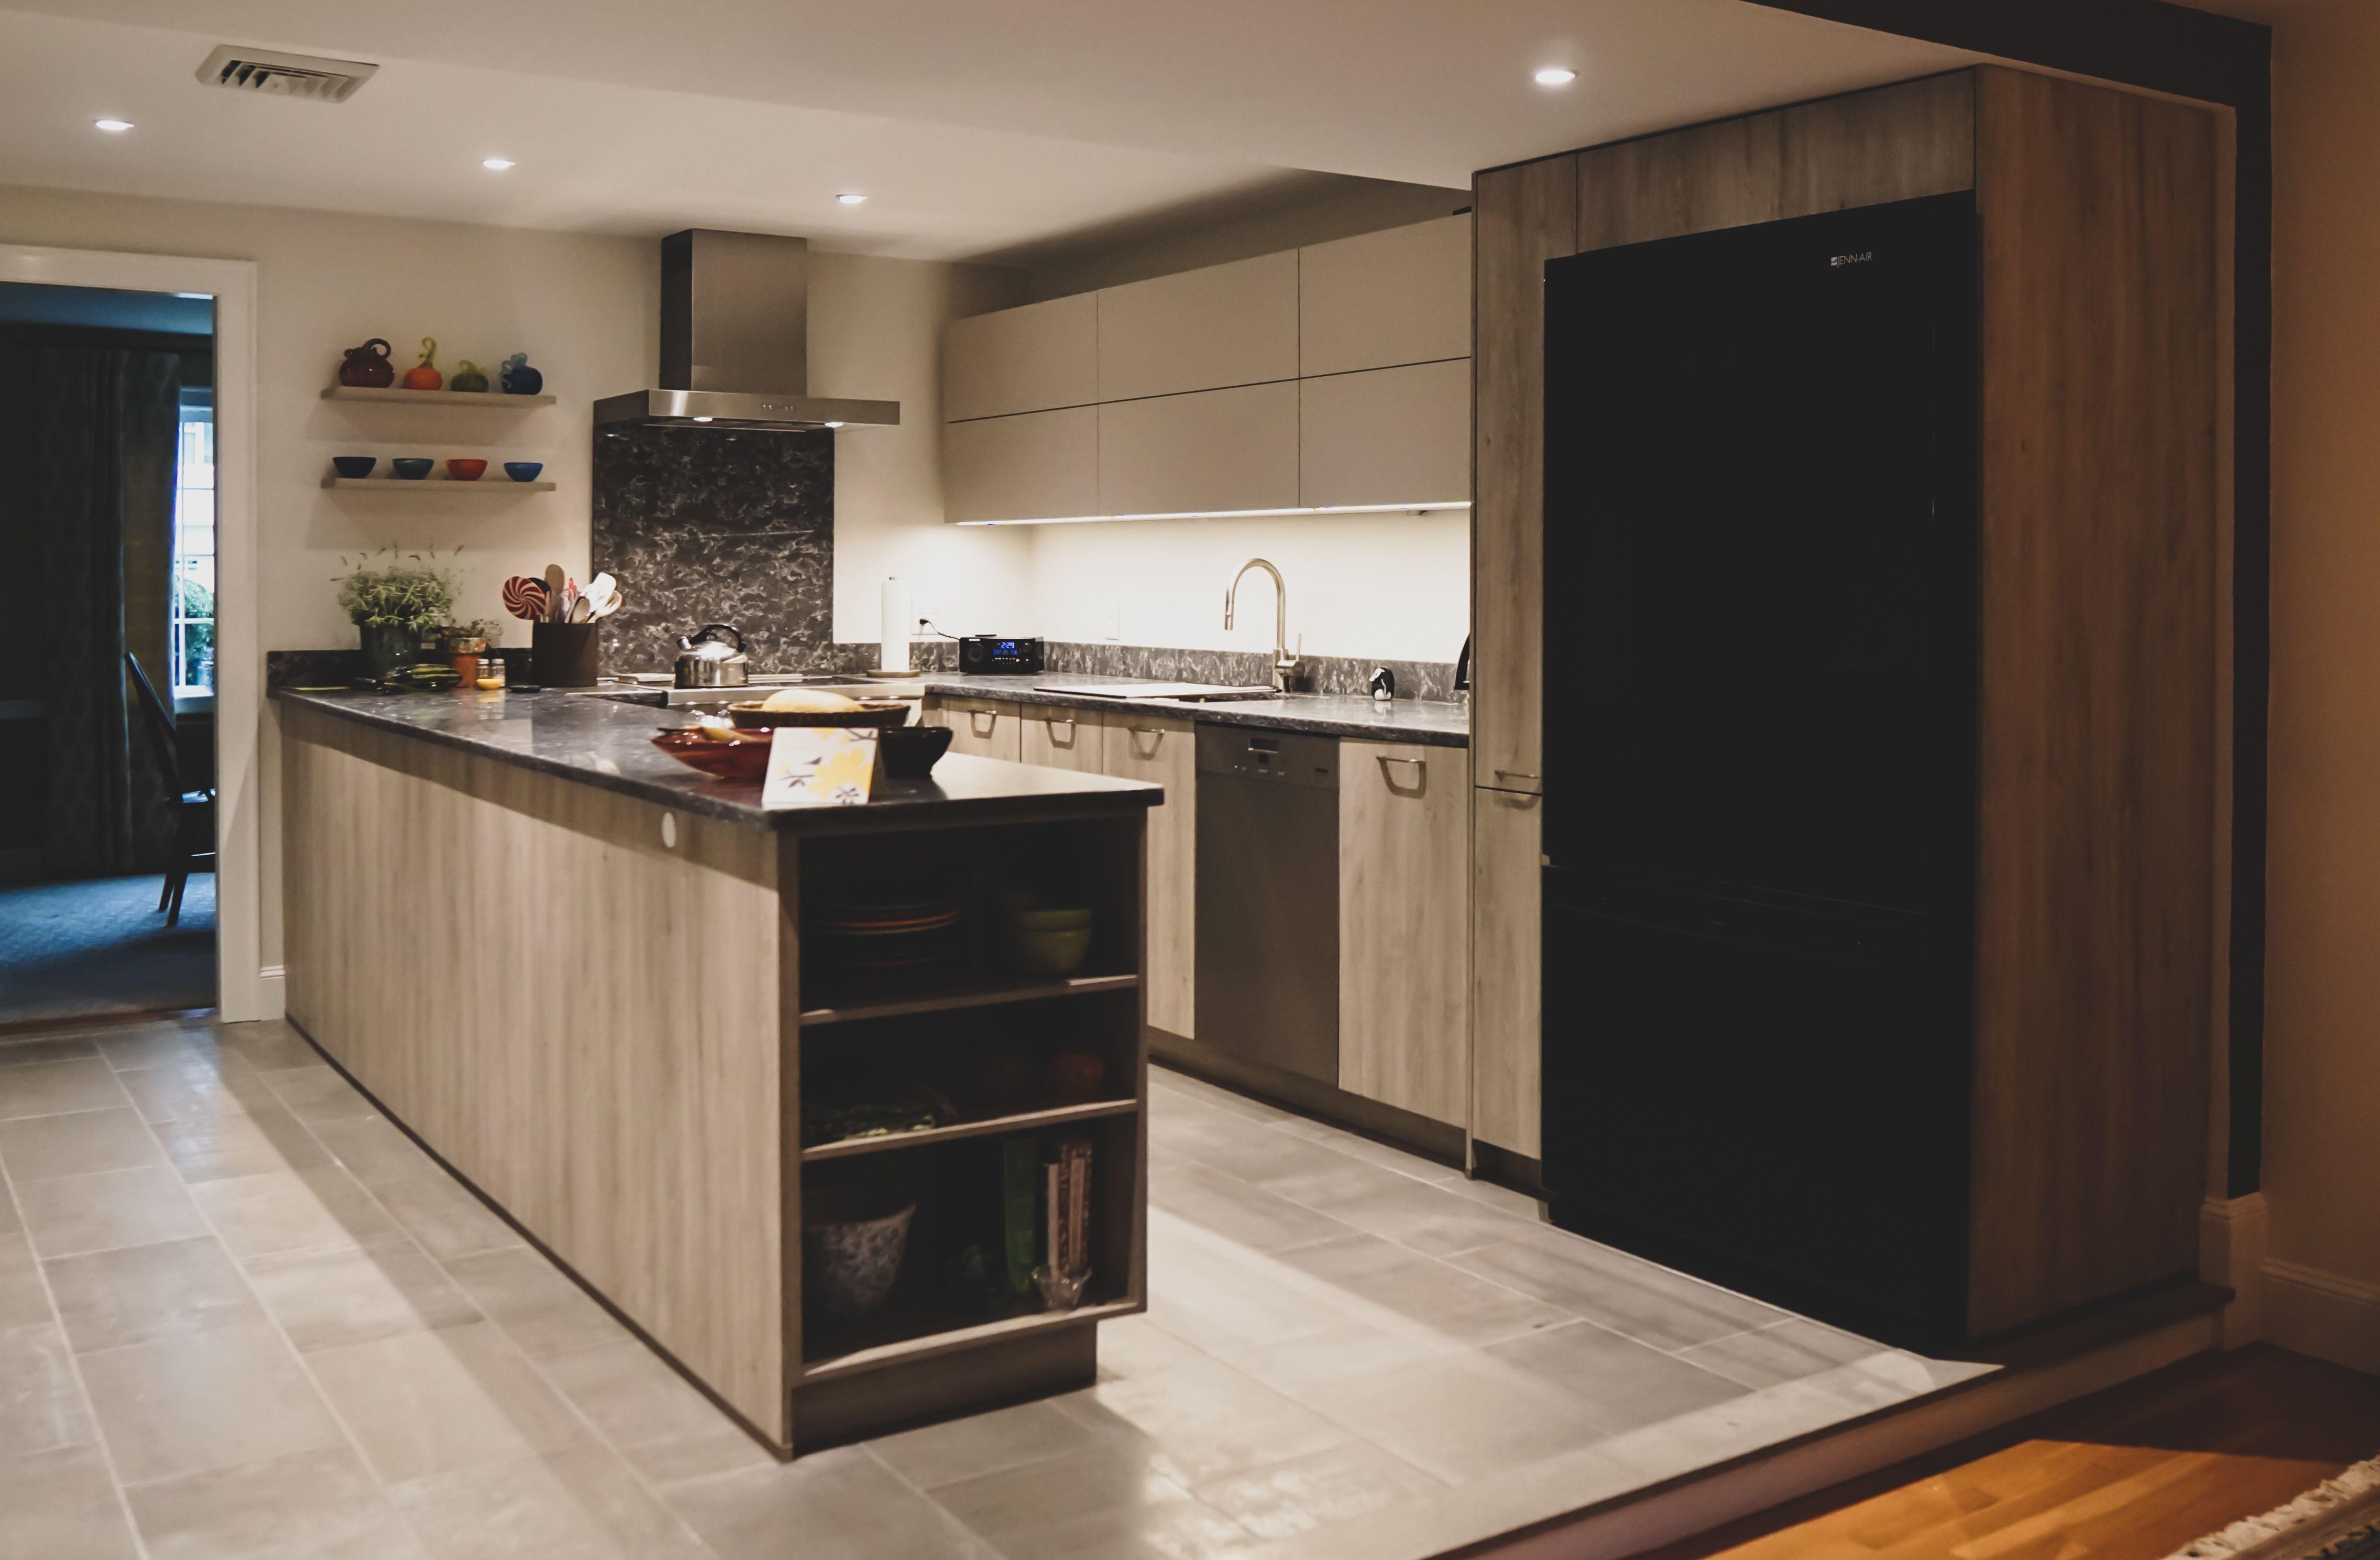 Ygk Kitchen Cabinets Design Newton Ma Kitchen Renovation Modern Kitchen Layout Kitchen Cabinet Design Kitchen Design Open